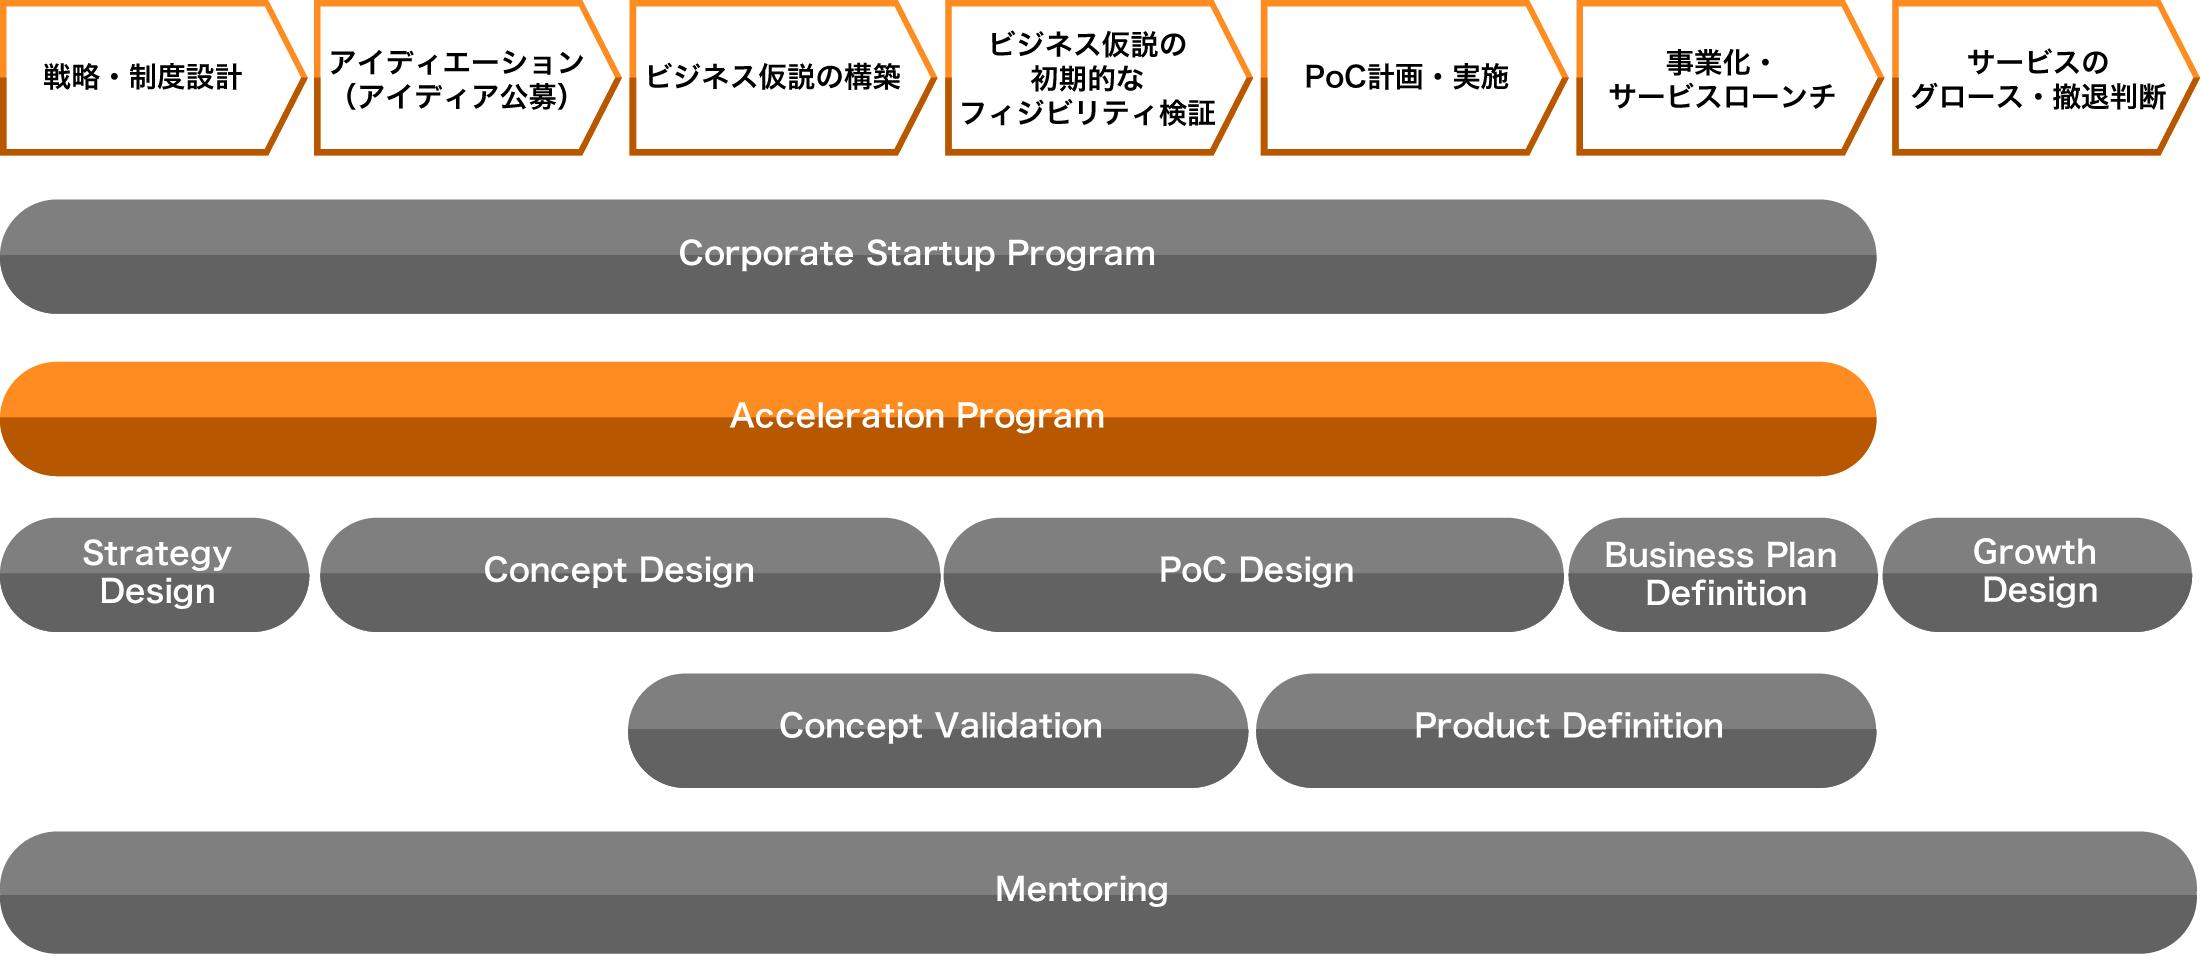 アクセラレーションプログラム